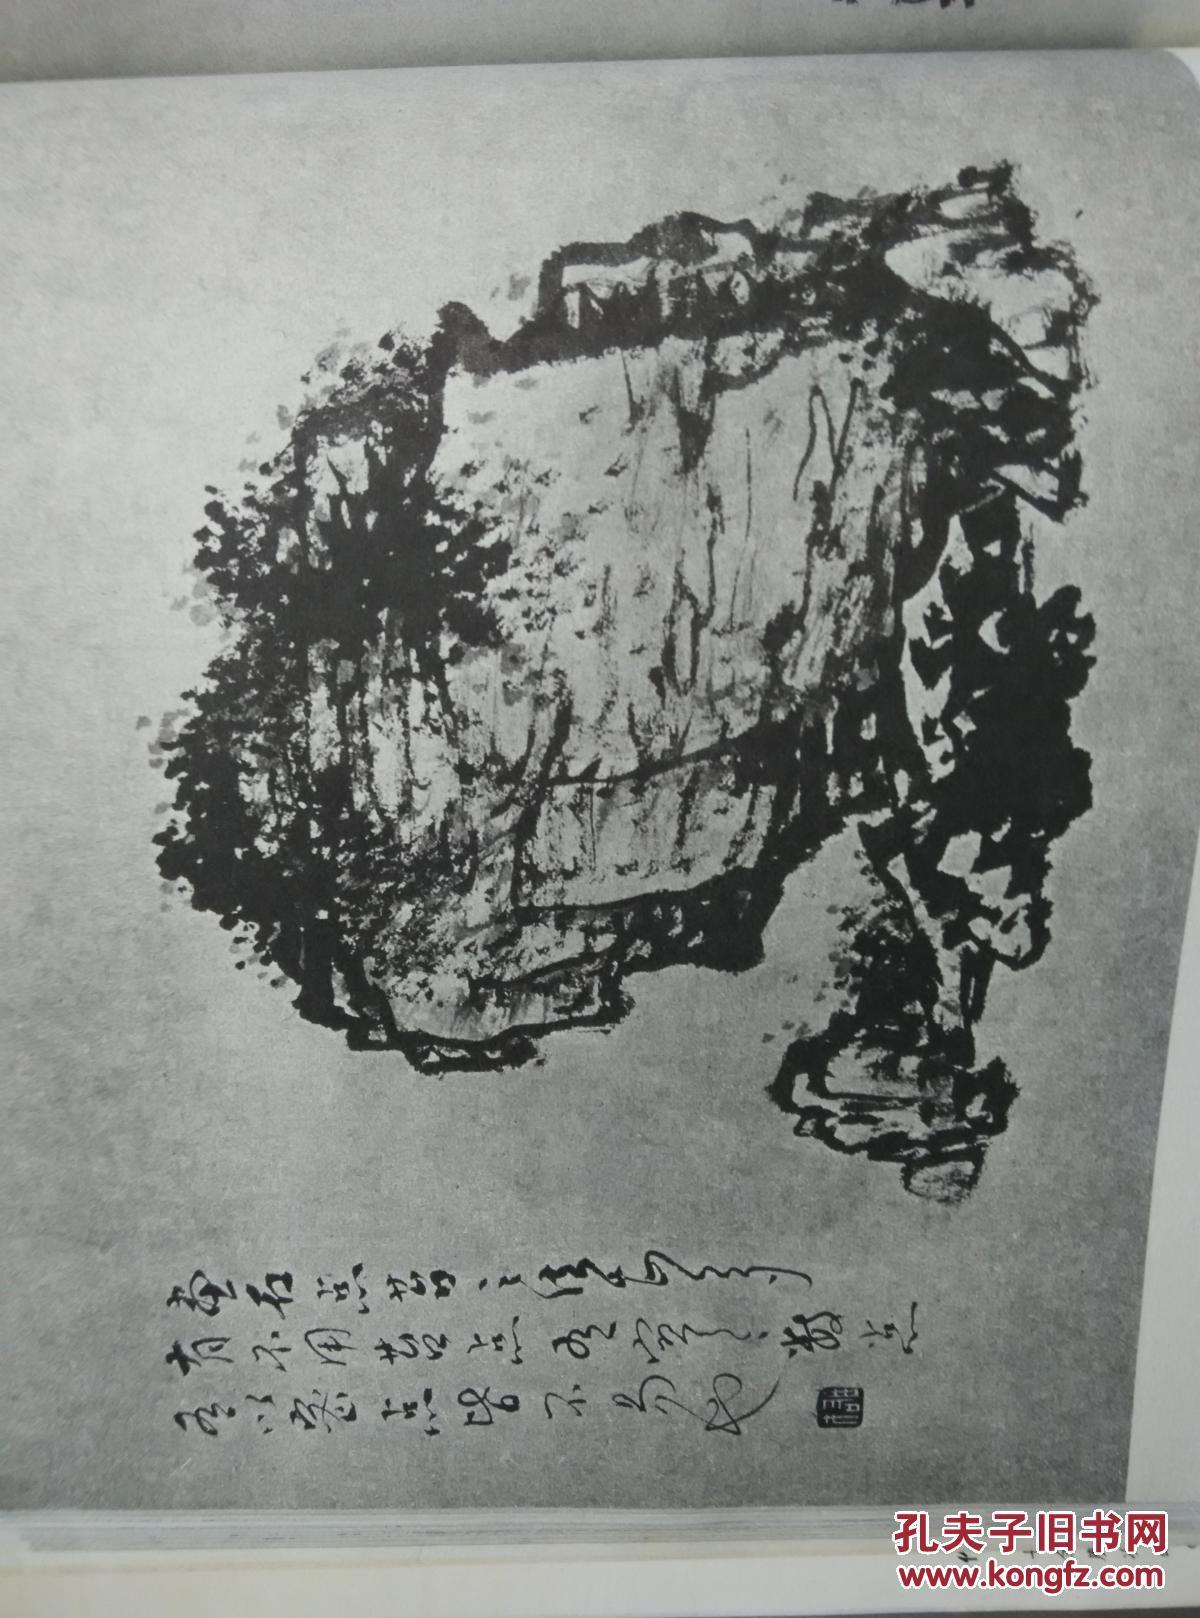 黎雄才山水画谱,正版图片